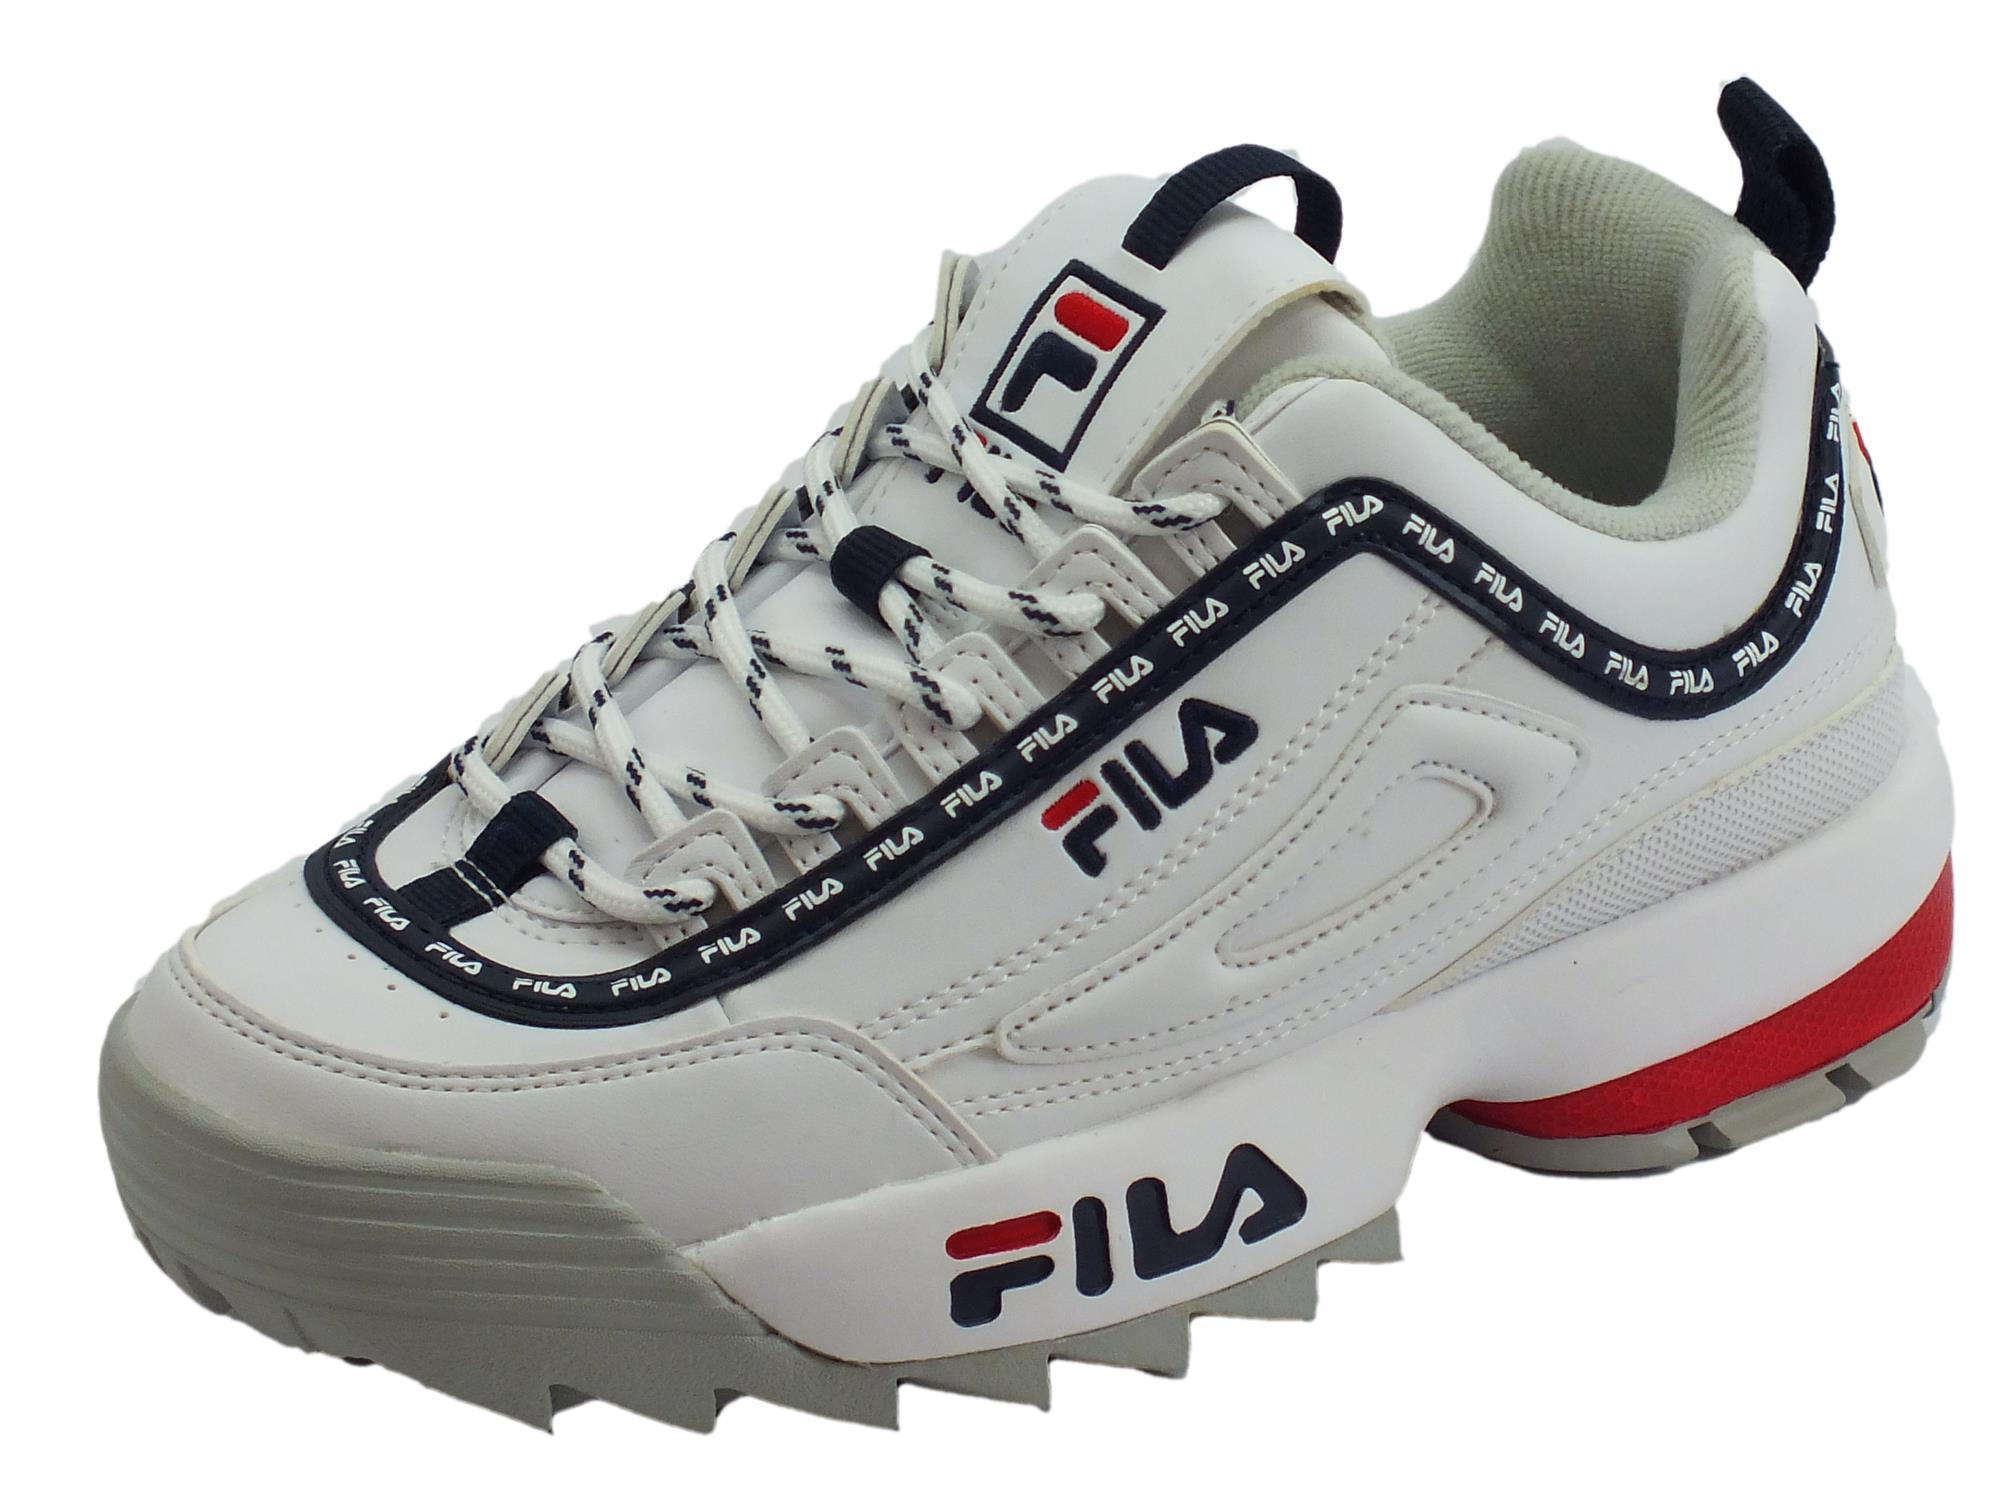 più economico 003a6 90306 Fila 1010748.1FG Disruptor Logo Low WMN White Scarpe sportive parlate per  donna in ecopelle